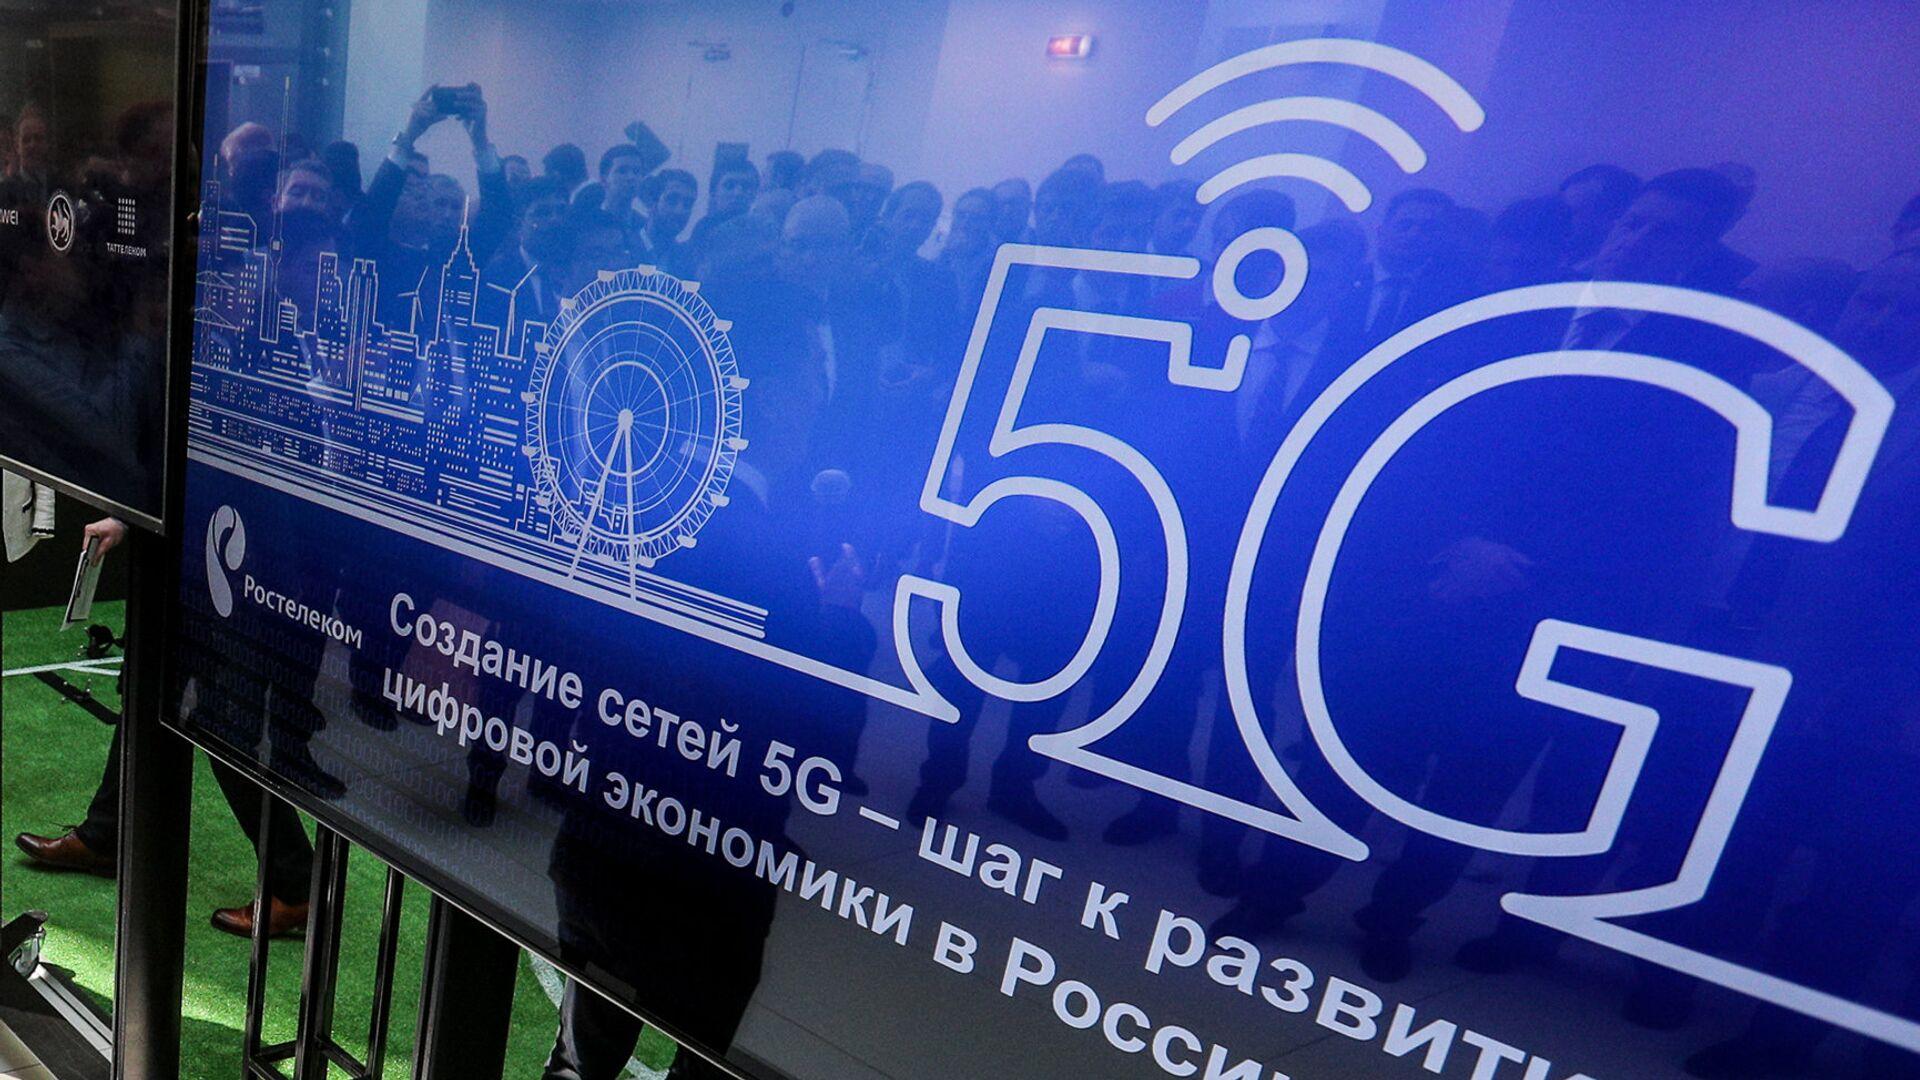 Открытие опытной зоны сети нового поколения технологии 5G в Иннополисе  - РИА Новости, 1920, 17.09.2021